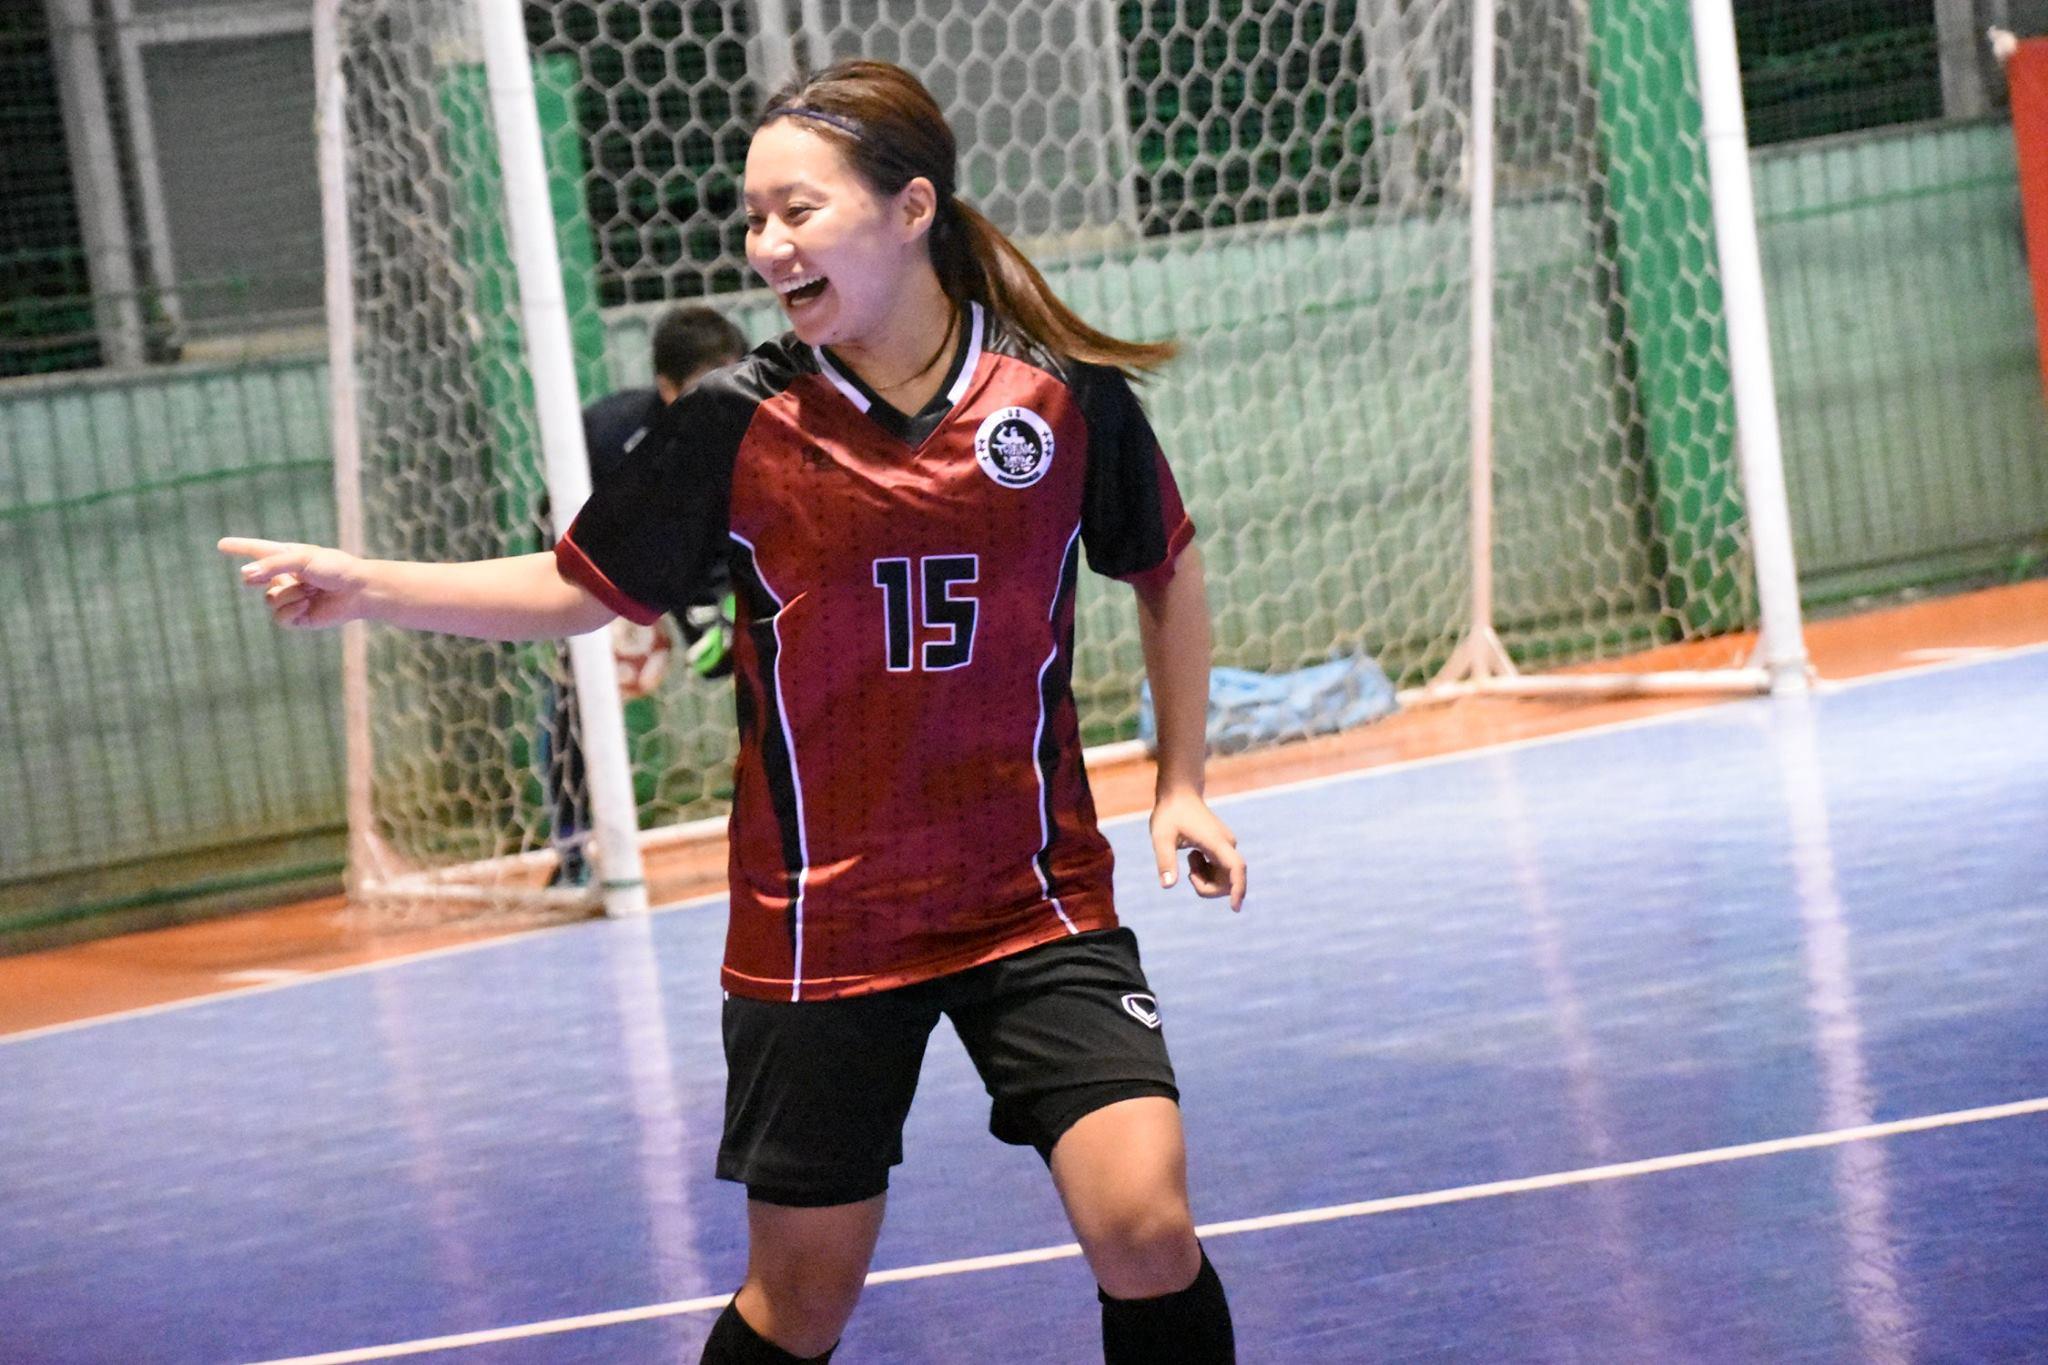 【豊橋ミックスリーグ】第2節予定 流れをつくる女性ゴールで勝利を呼び込めるか!?